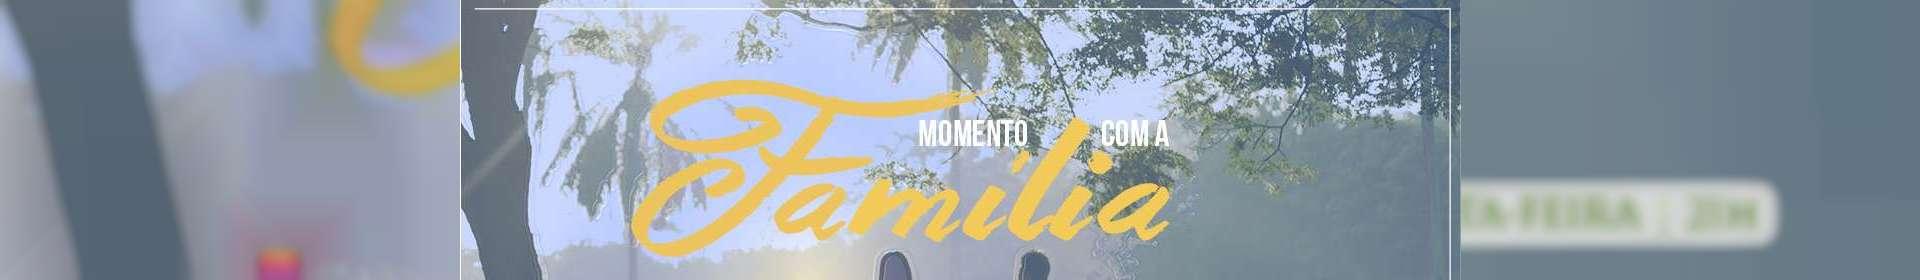 Momento com a Família - 27/09/2019